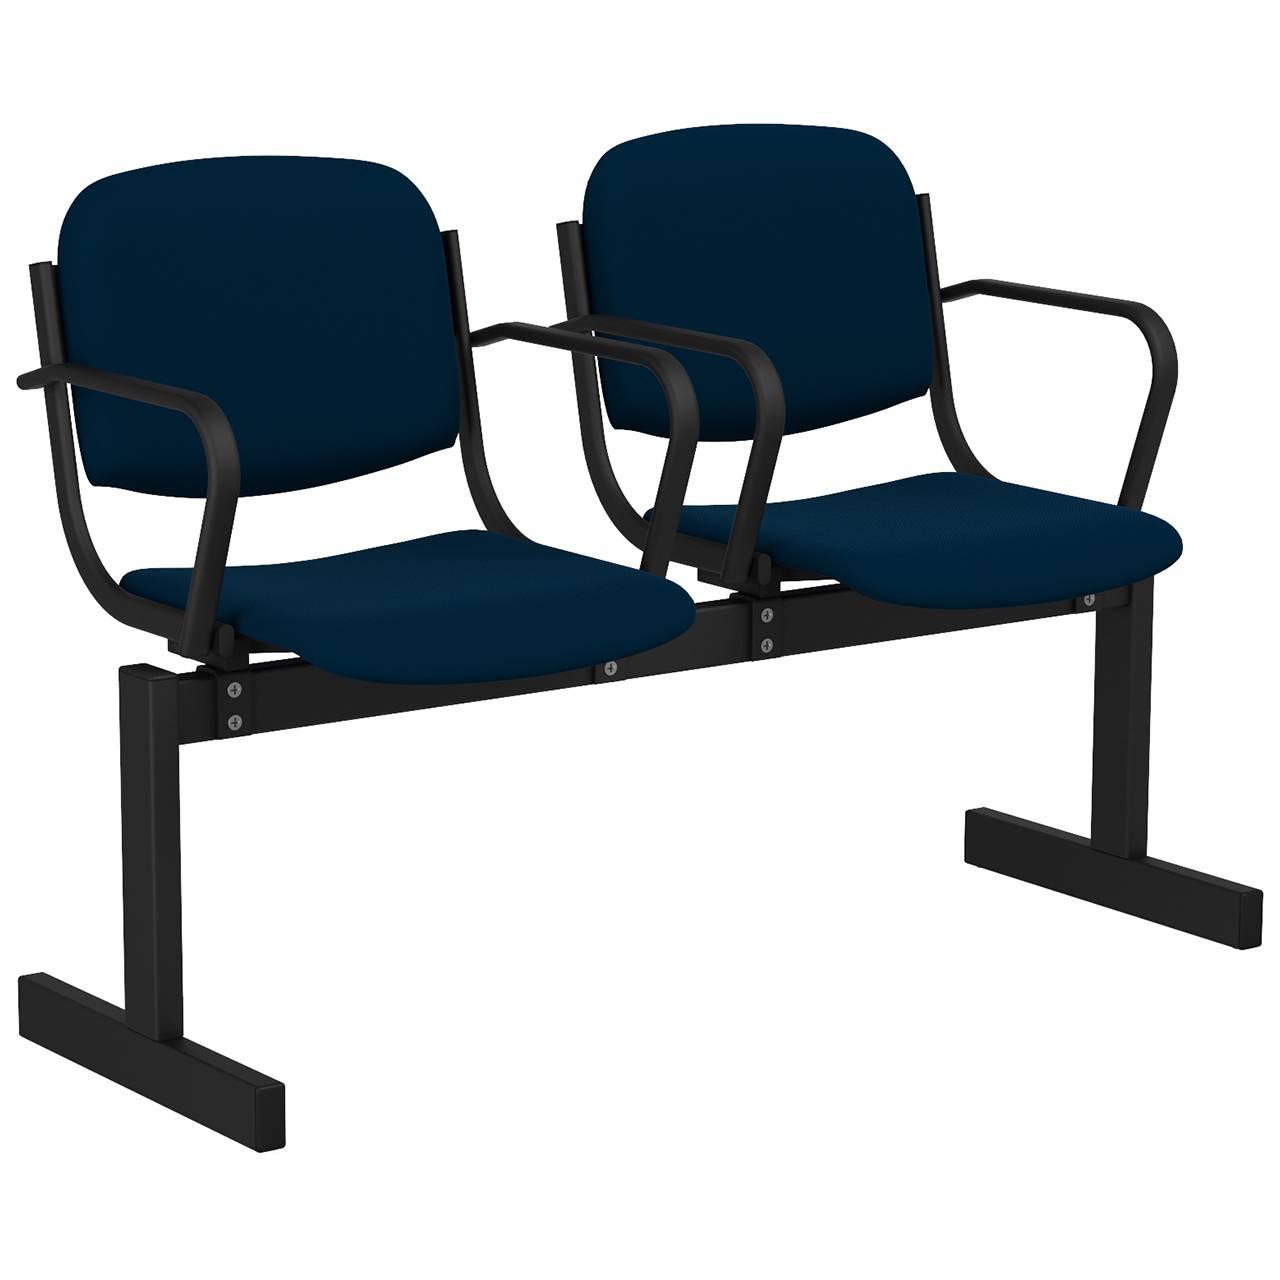 2-местный, не откидывающиеся сиденья, мягкий, подлокотники черный синий Флок